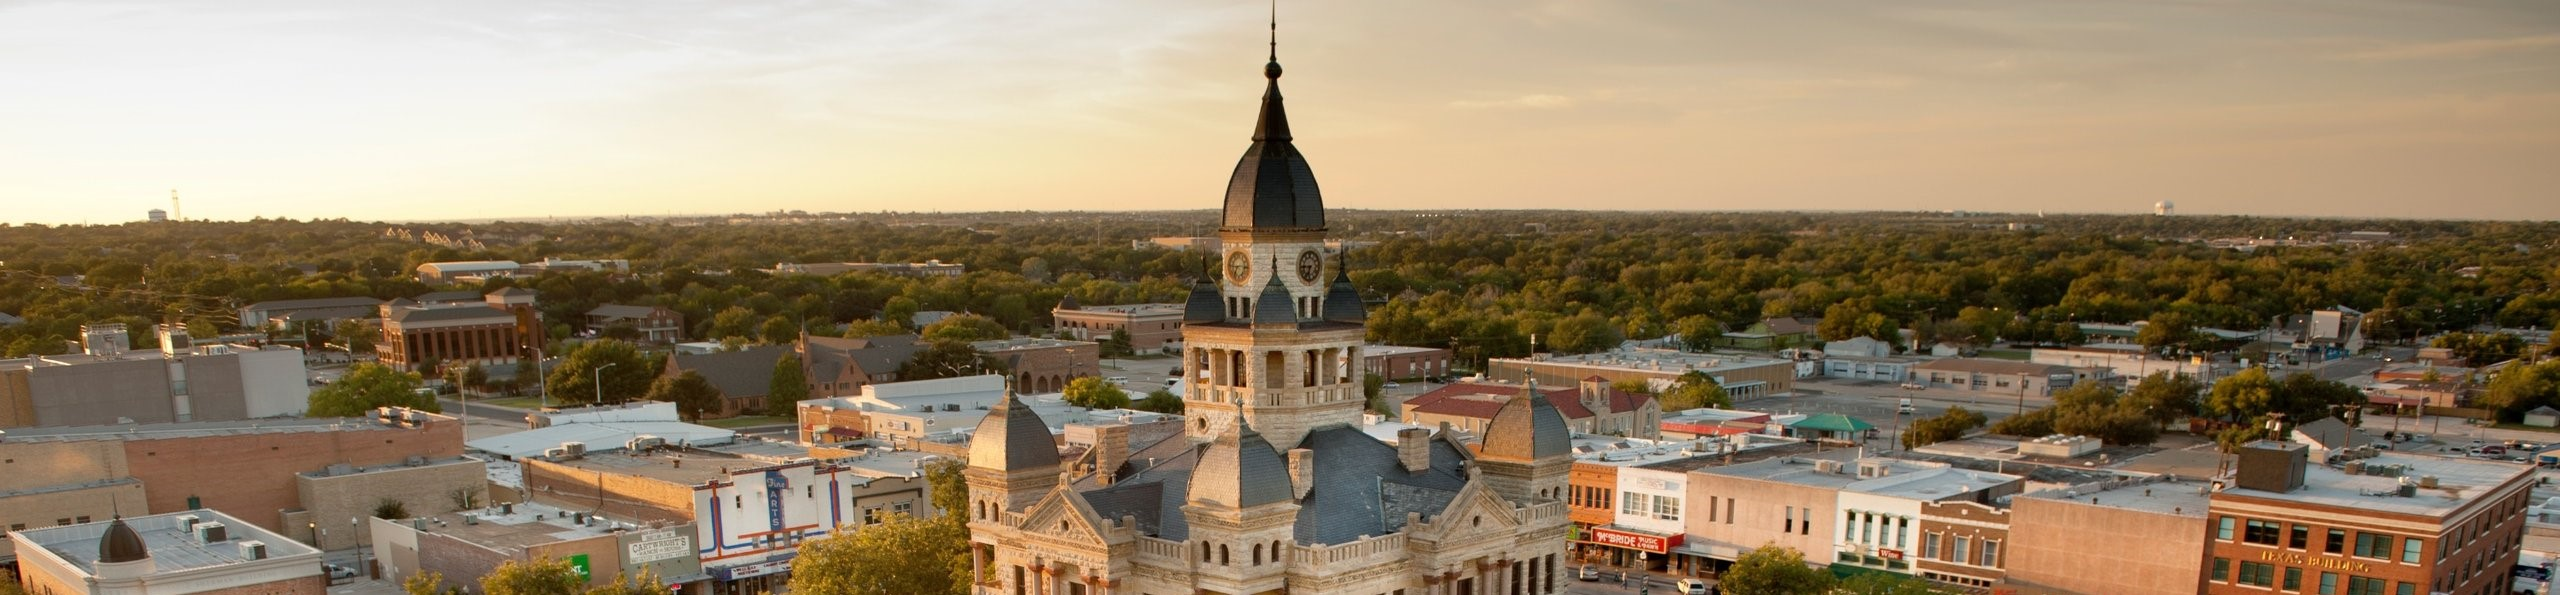 Denton, TX